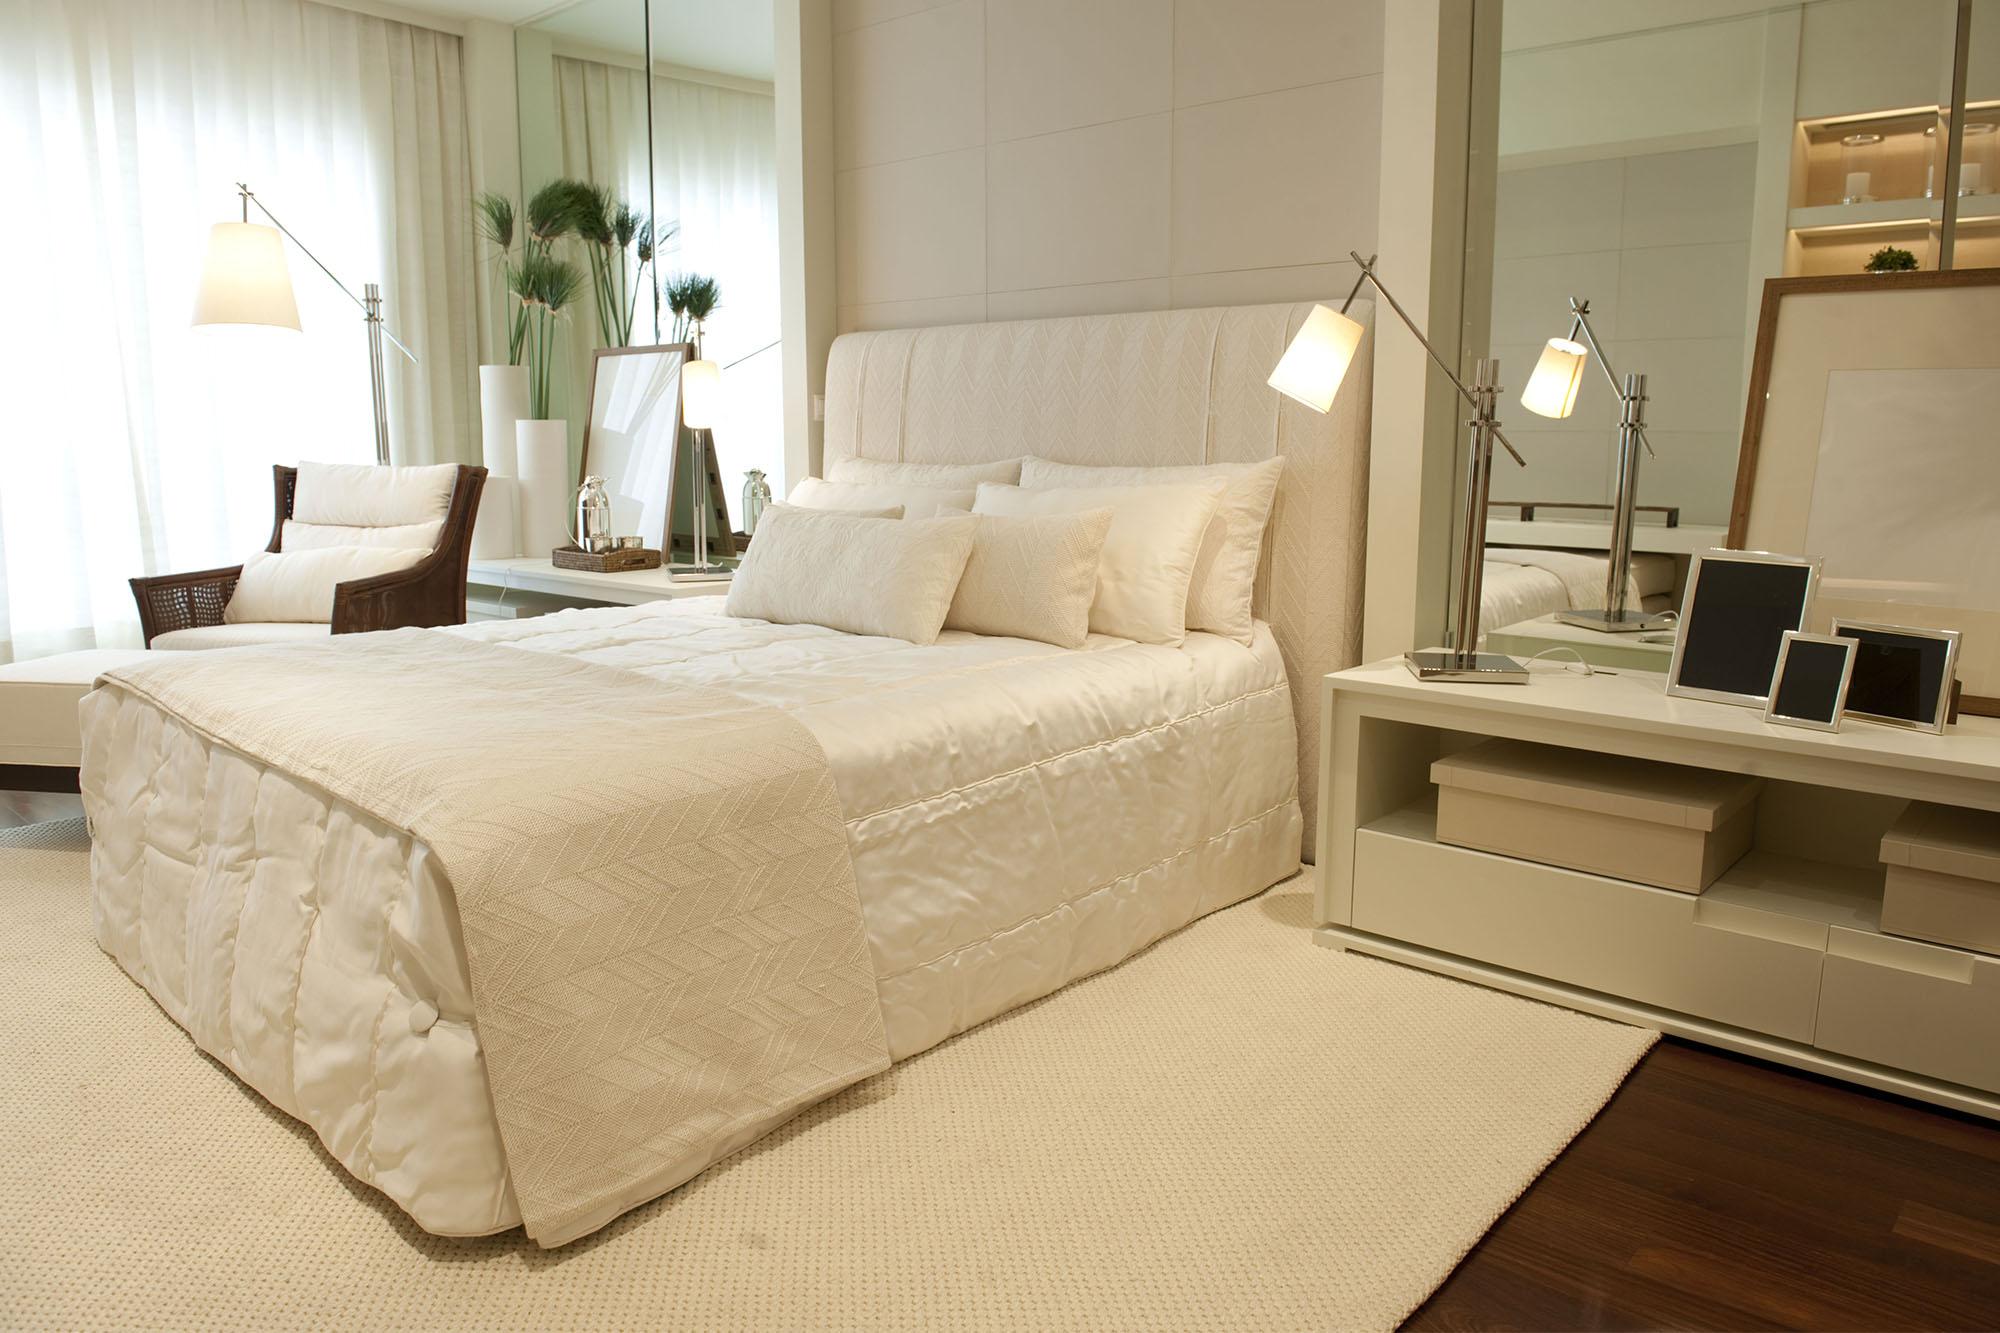 Quarto De Casal Zen Cores Neutras E Ambiente Calmo Para Relaxar ~ Cores De Tintas Para Quarto Casal